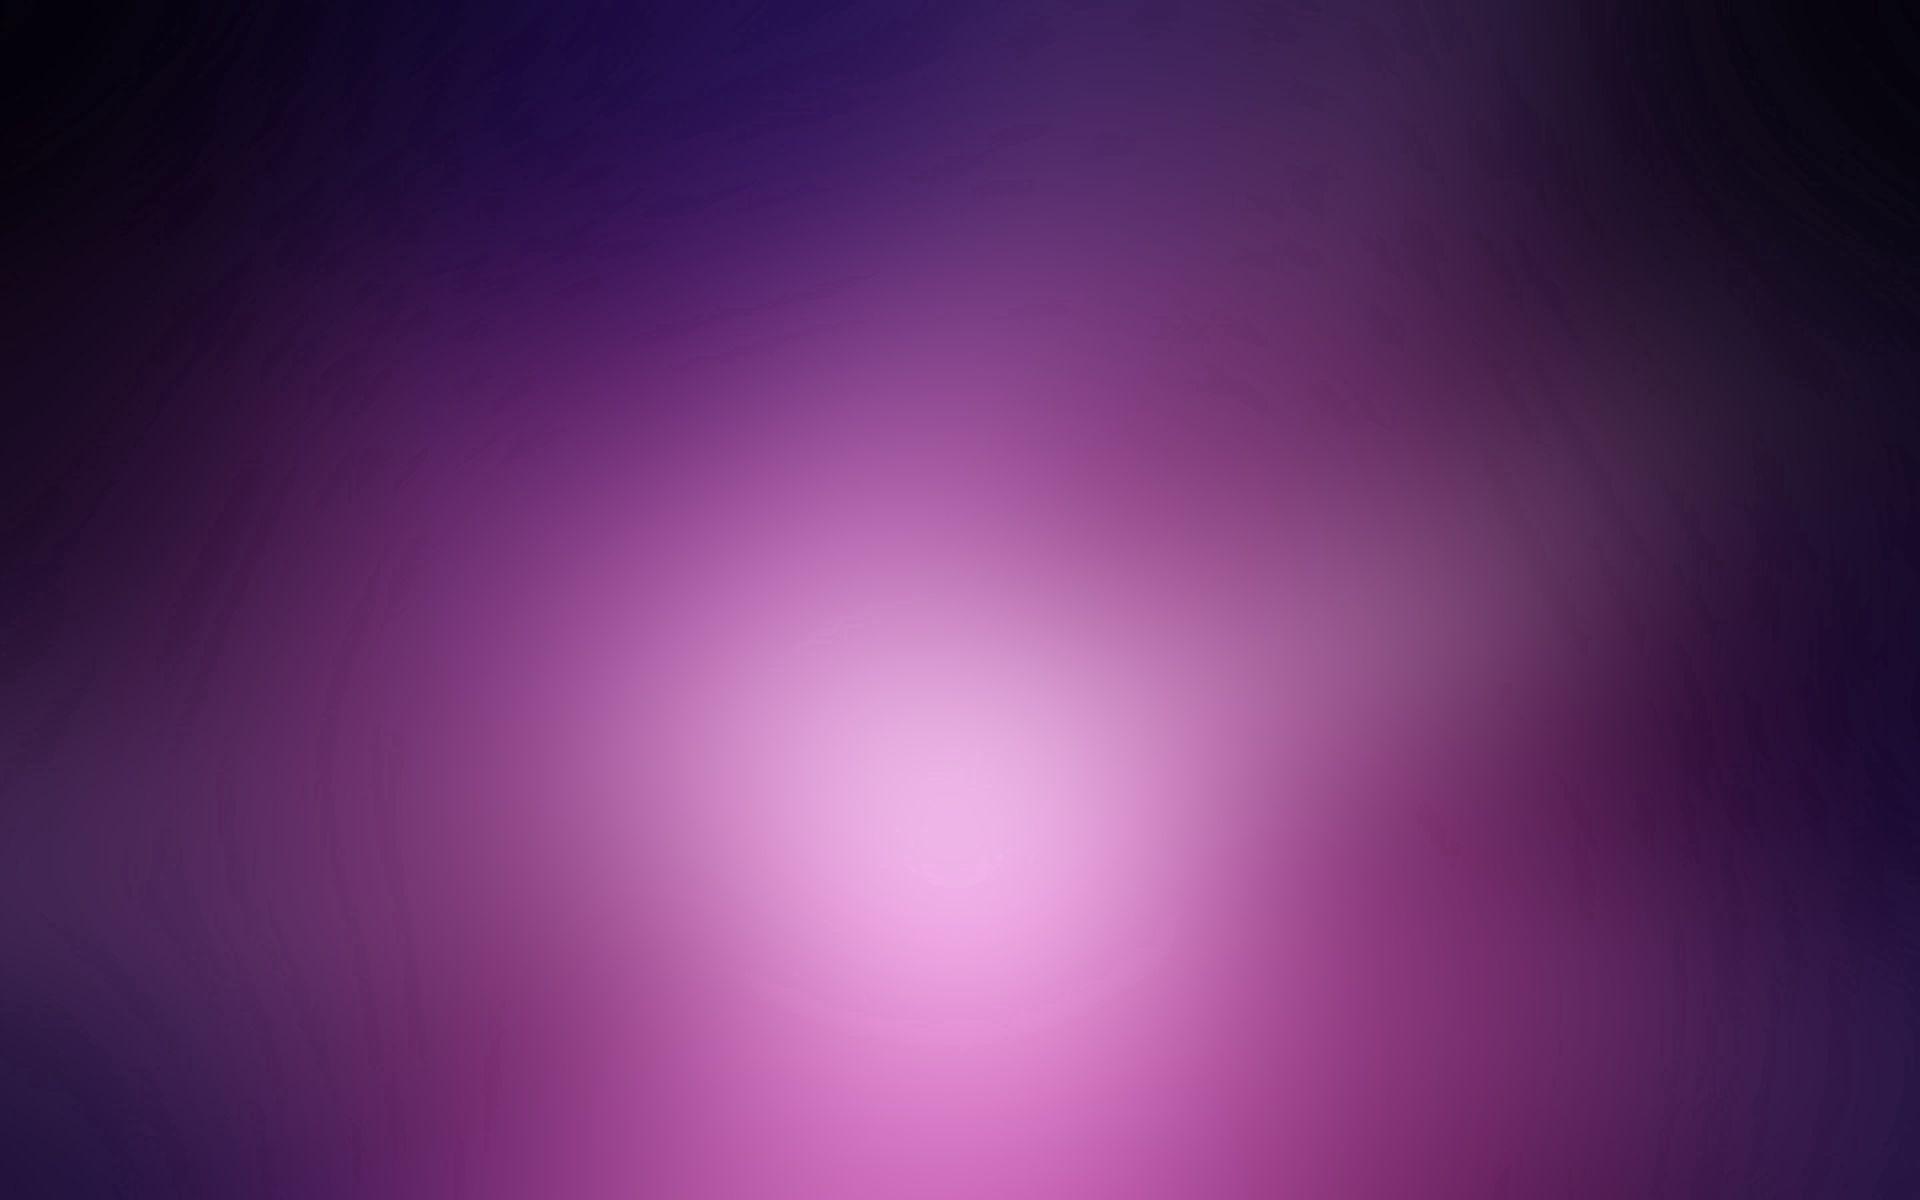 144791 скачать обои Абстракция, Пятно, Фон, Свет, Тень - заставки и картинки бесплатно